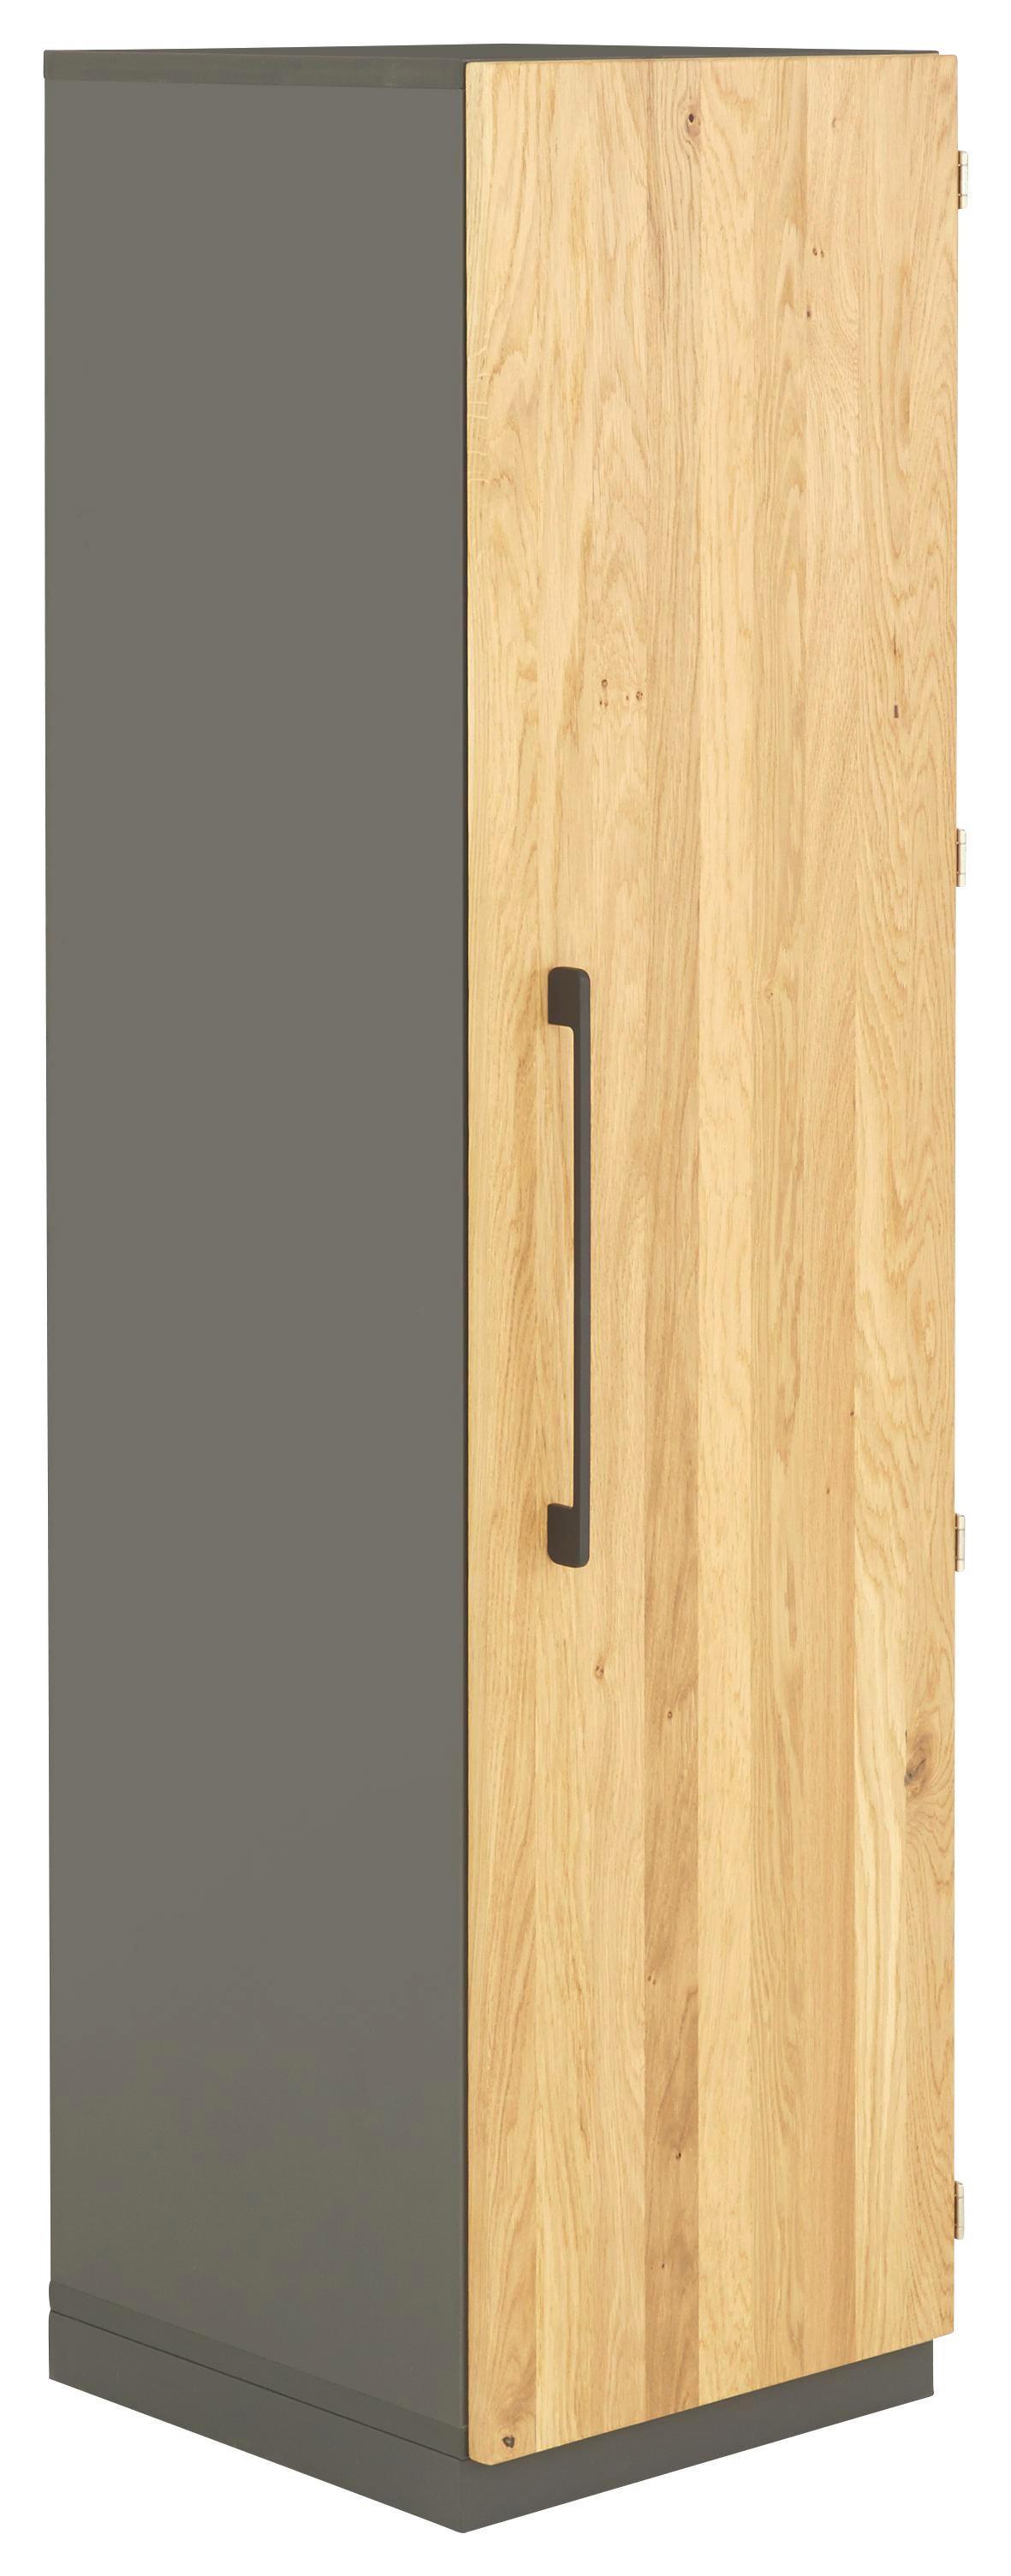 AKTENSCHRANK Eiche massiv Anthrazit, Eichefarben - Eichefarben/Anthrazit, Design, Holz/Holzwerkstoff (40/148,5/41,9cm) - MODERANO